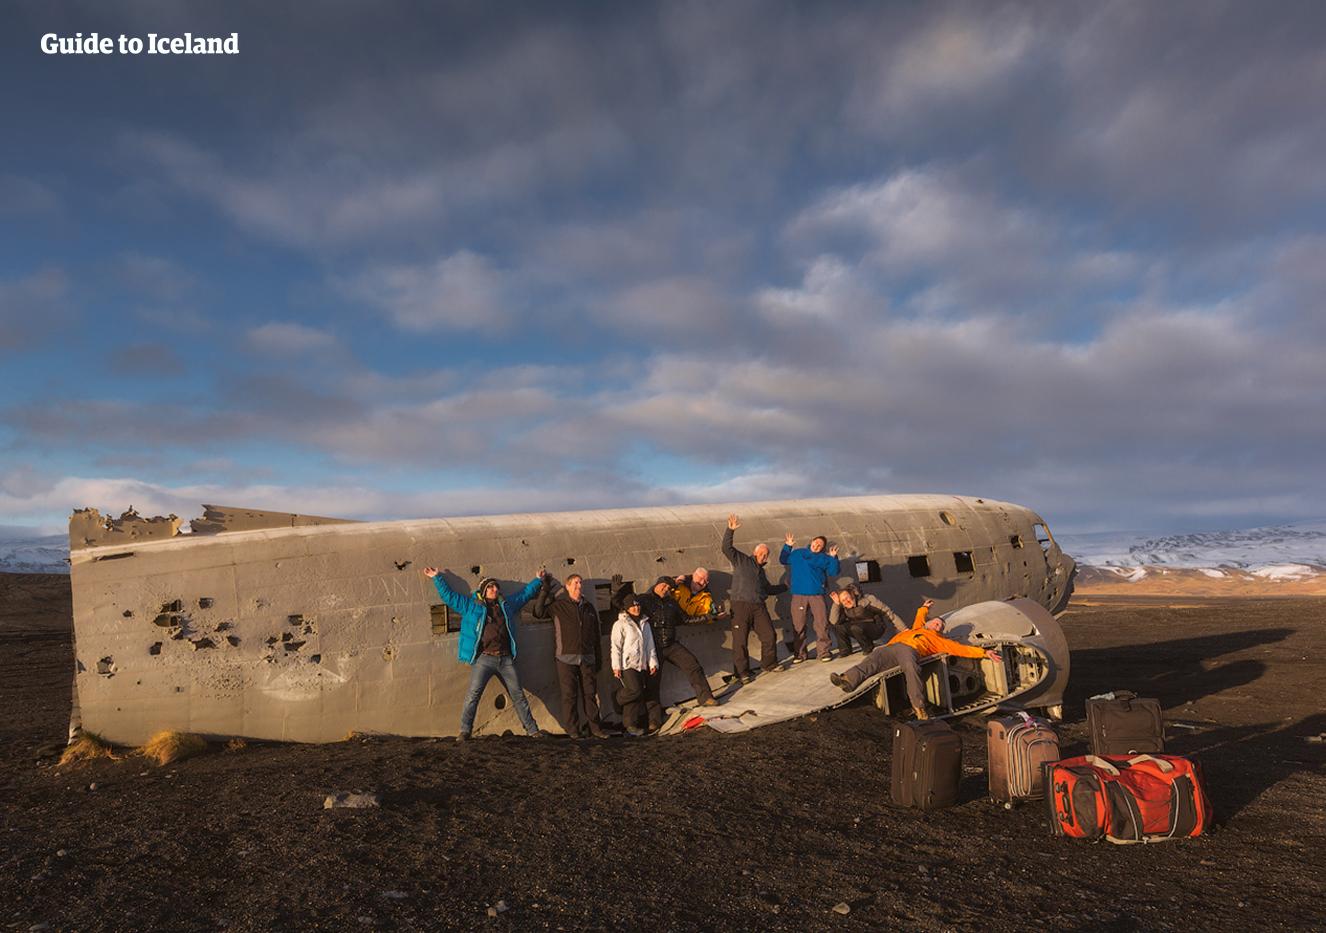 6 dni, samodzielna podróż | Kemping na Islandii i interior - day 5